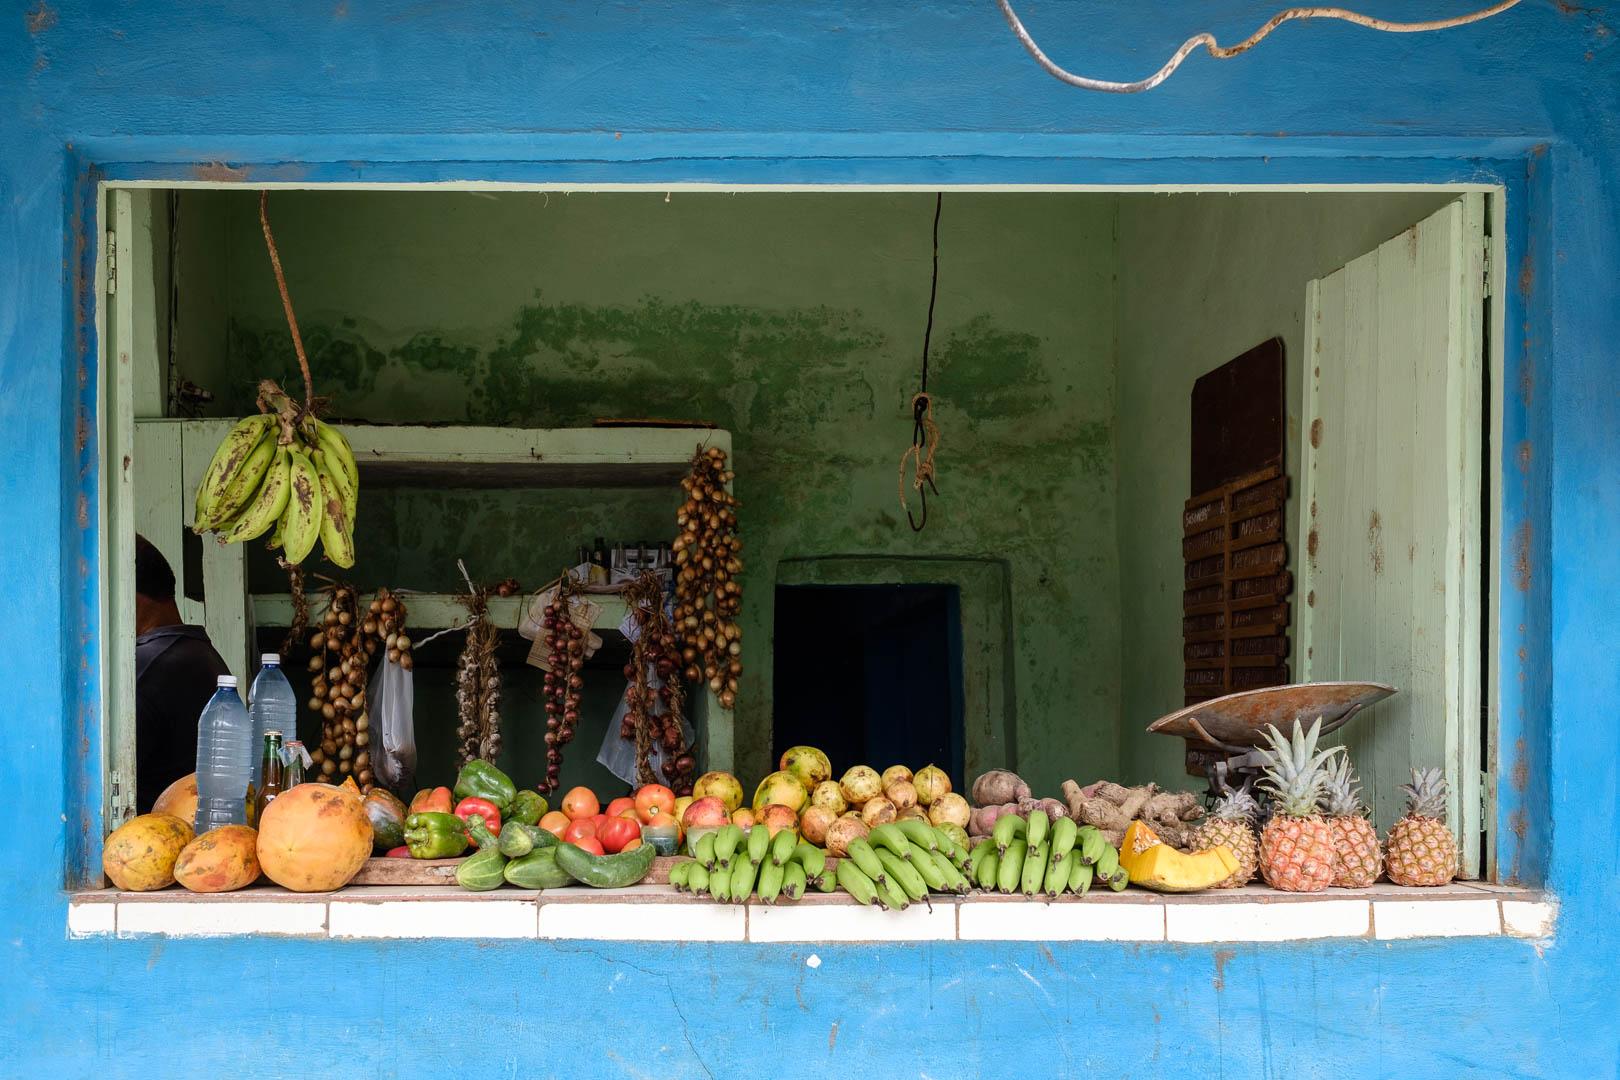 180429-Trinidad-58-1080.jpg